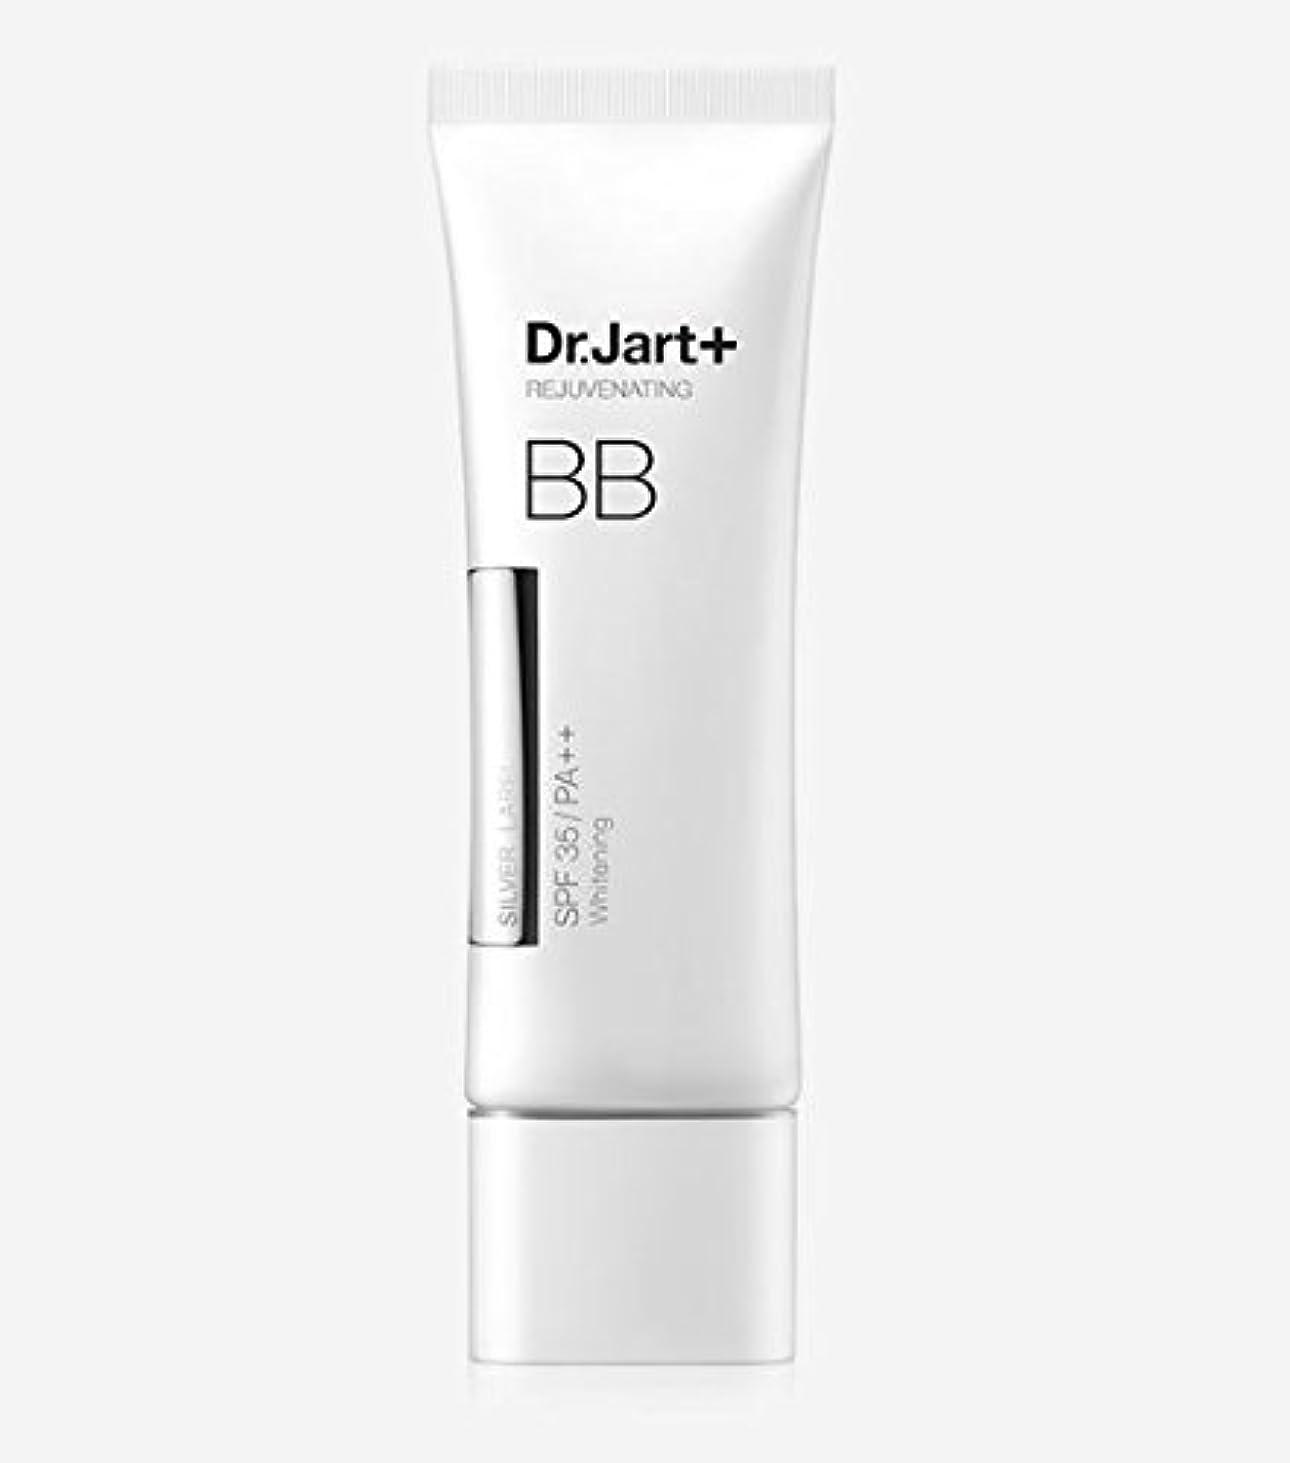 流暢十二シェトランド諸島[Dr. Jart] Silver Label BB Rejuvenating Beauty Balm 50ml SPF35 PA++/[ドクタージャルト] シルバーラベル BB リジュビネイティング ビューティー バーム...